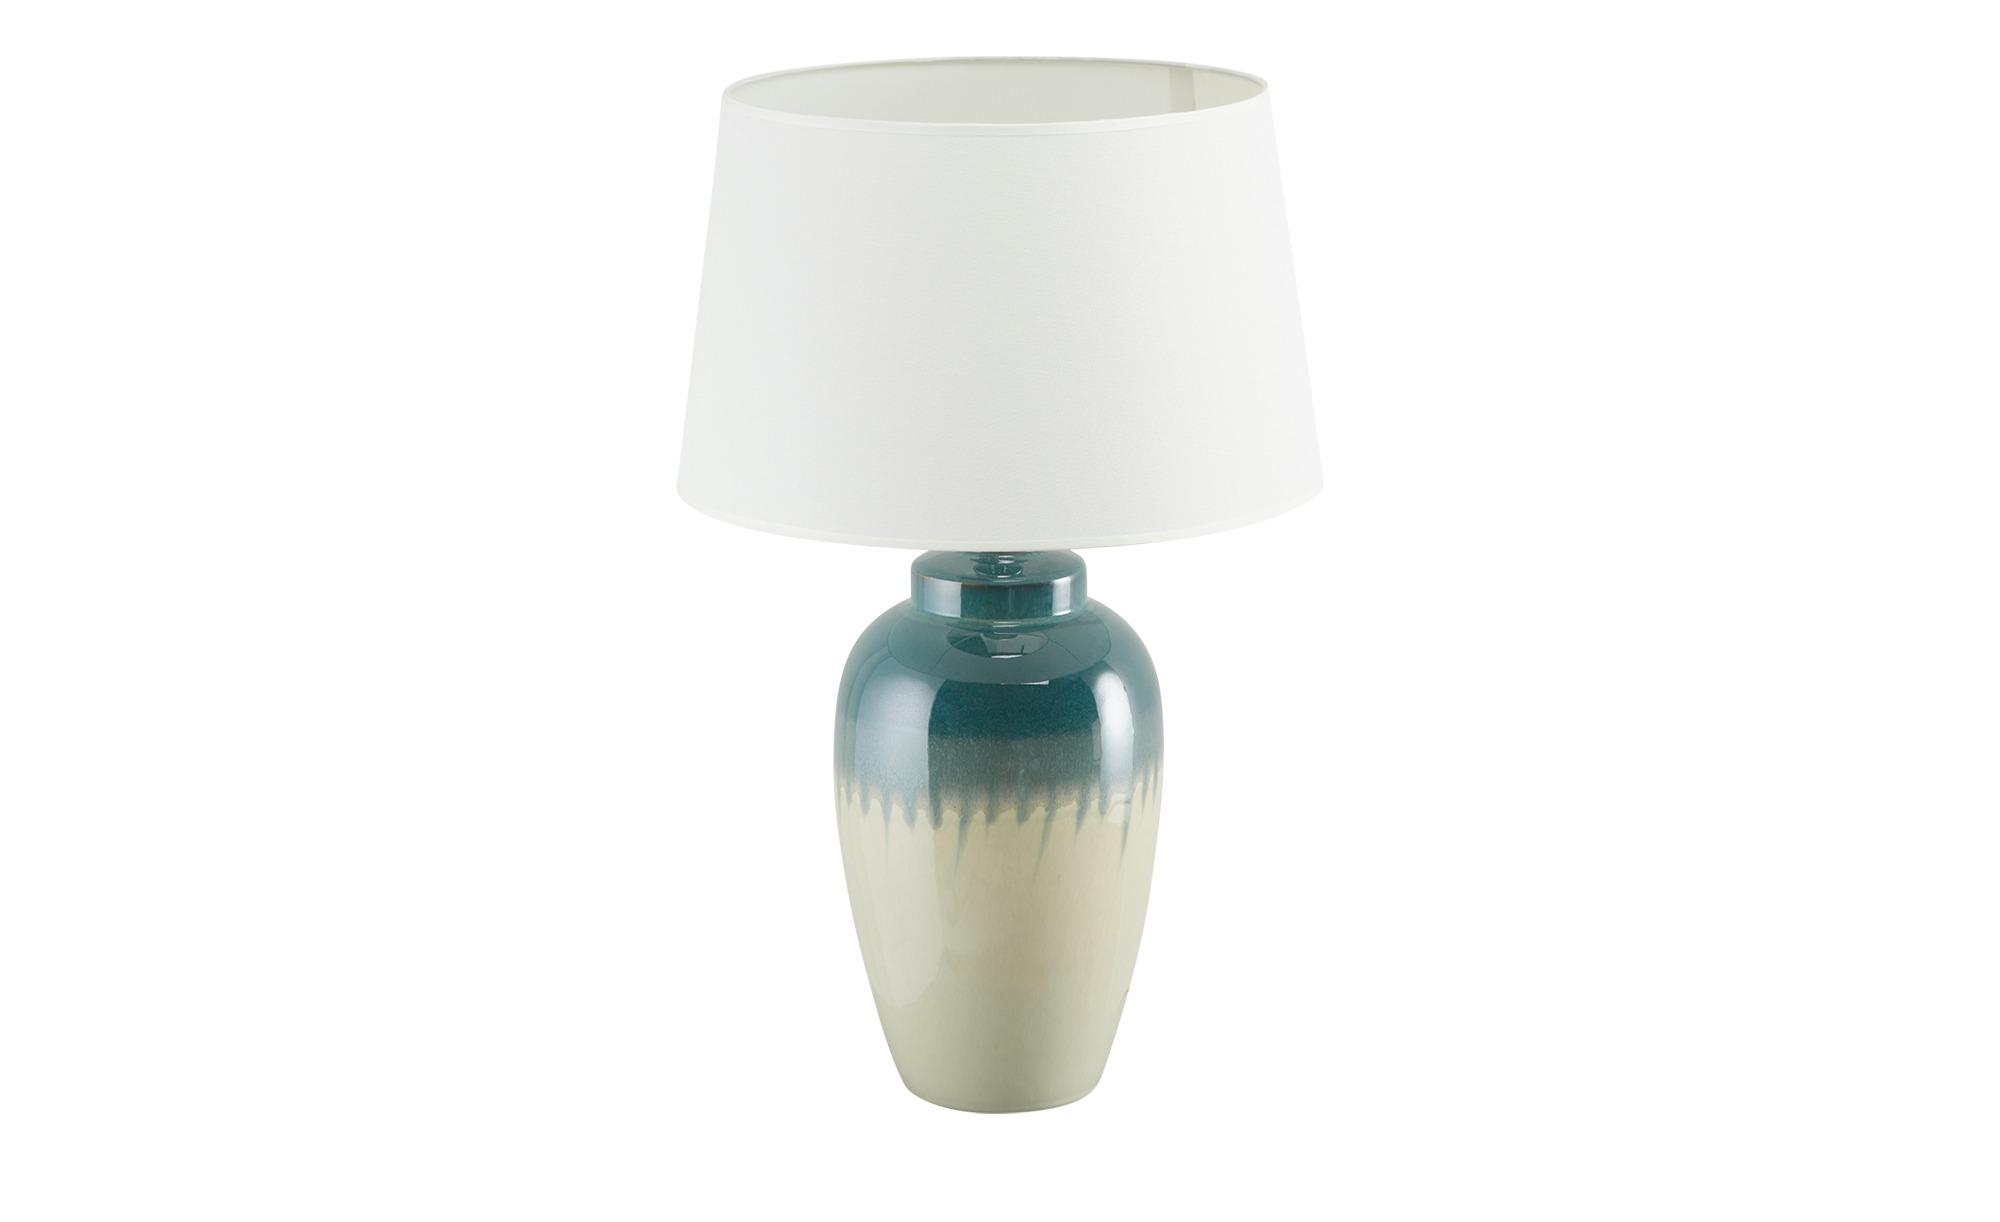 KHG Keramik-Tischleuchte, 1-flammig, blau/ Handbemalt groß ¦ blau ¦ Maße (cm): H: 63 Ø: 40 Lampen & Leuchten > Innenleuchten > Tischlampen - Höffner